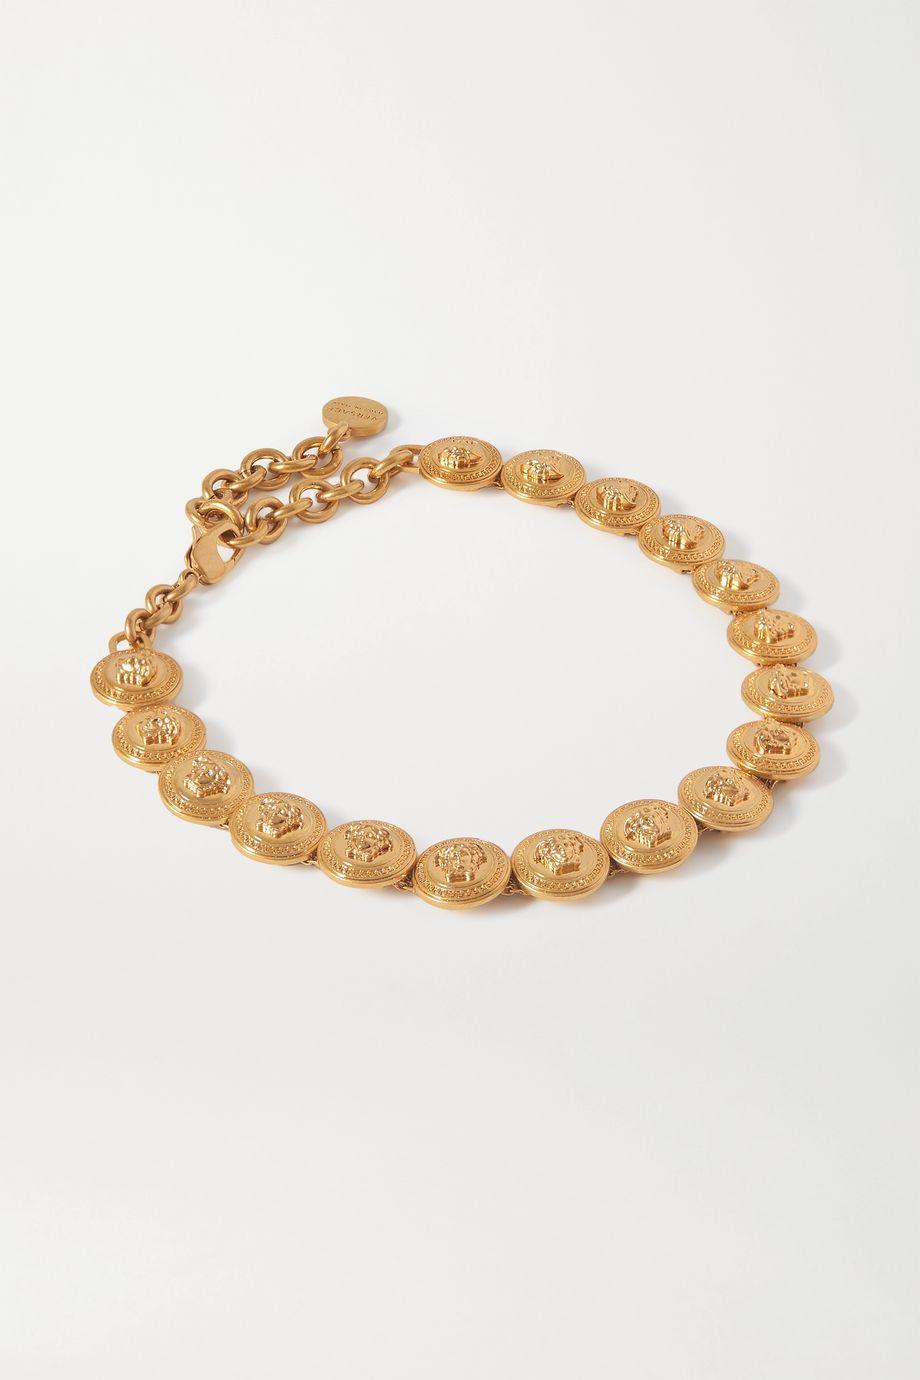 Versace 金色项圈式项链